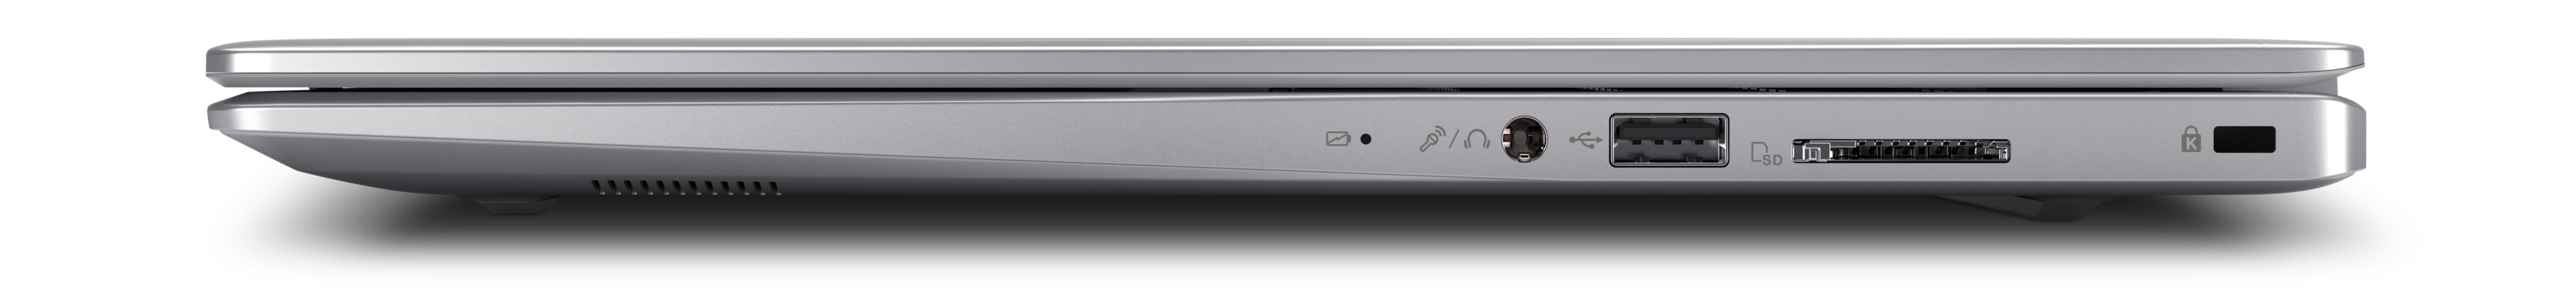 Medion Akoya P32010 und P6645: Aldi-Süd verkauft Ryzen-PC und Intel-Notebook - Medion Akoya P6645 (Bild: Medion)